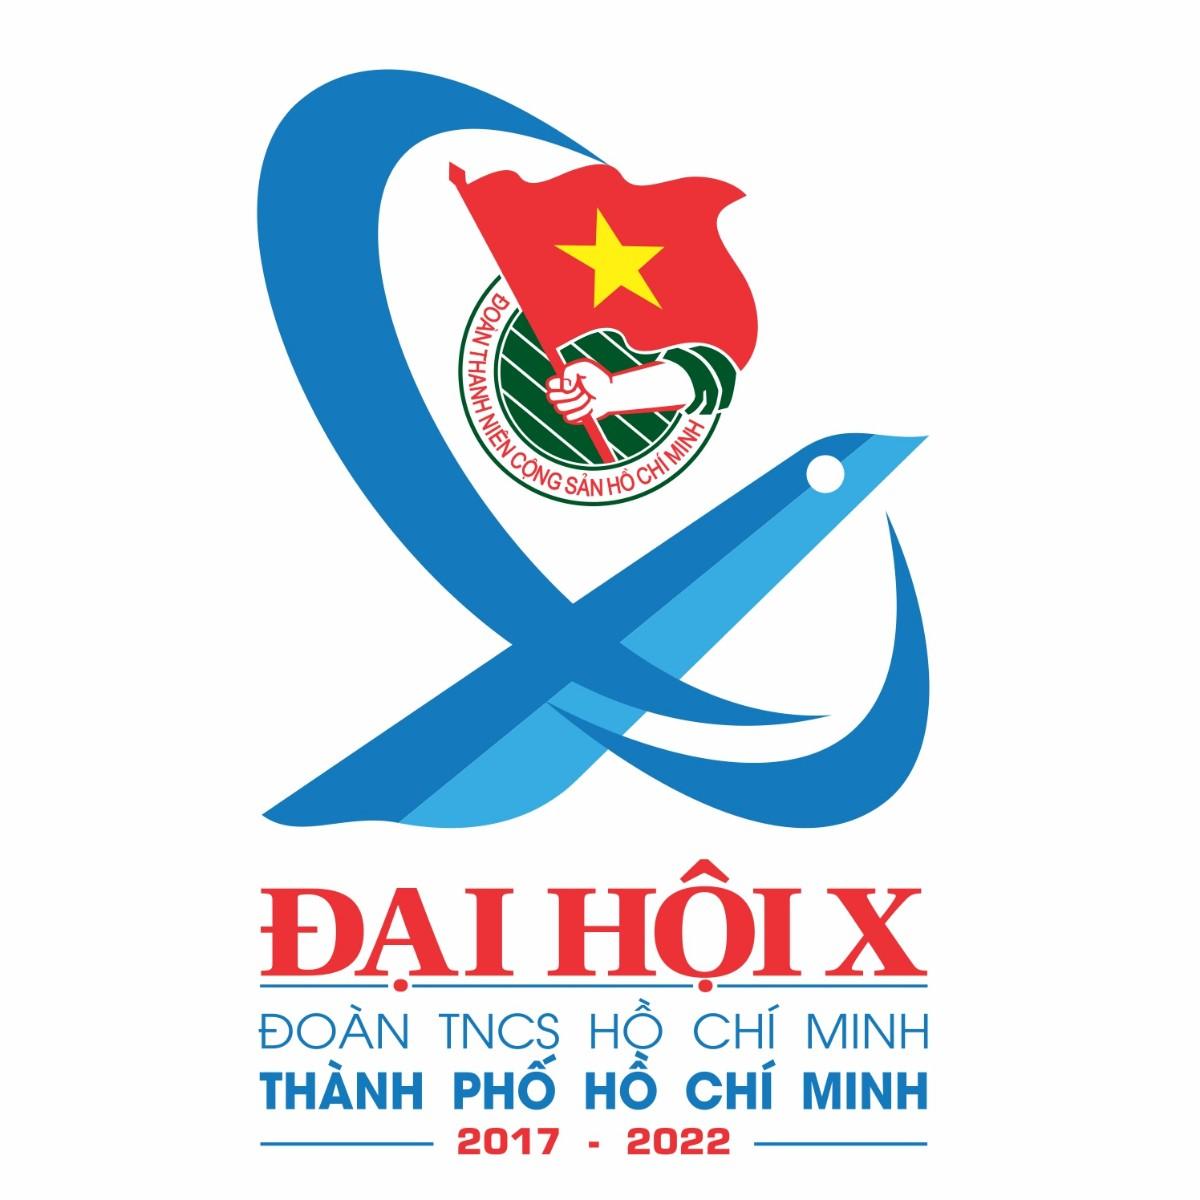 /tin-tuc-tong-quan/cung-gop-y-cho-du-thao-van-kien-dai-hoi-dai-bieu-doan-tncs-ho-chi-minh-tp-ho-chi-minh-lan-thu-x-nhiem-ky-2017-–-2022.html